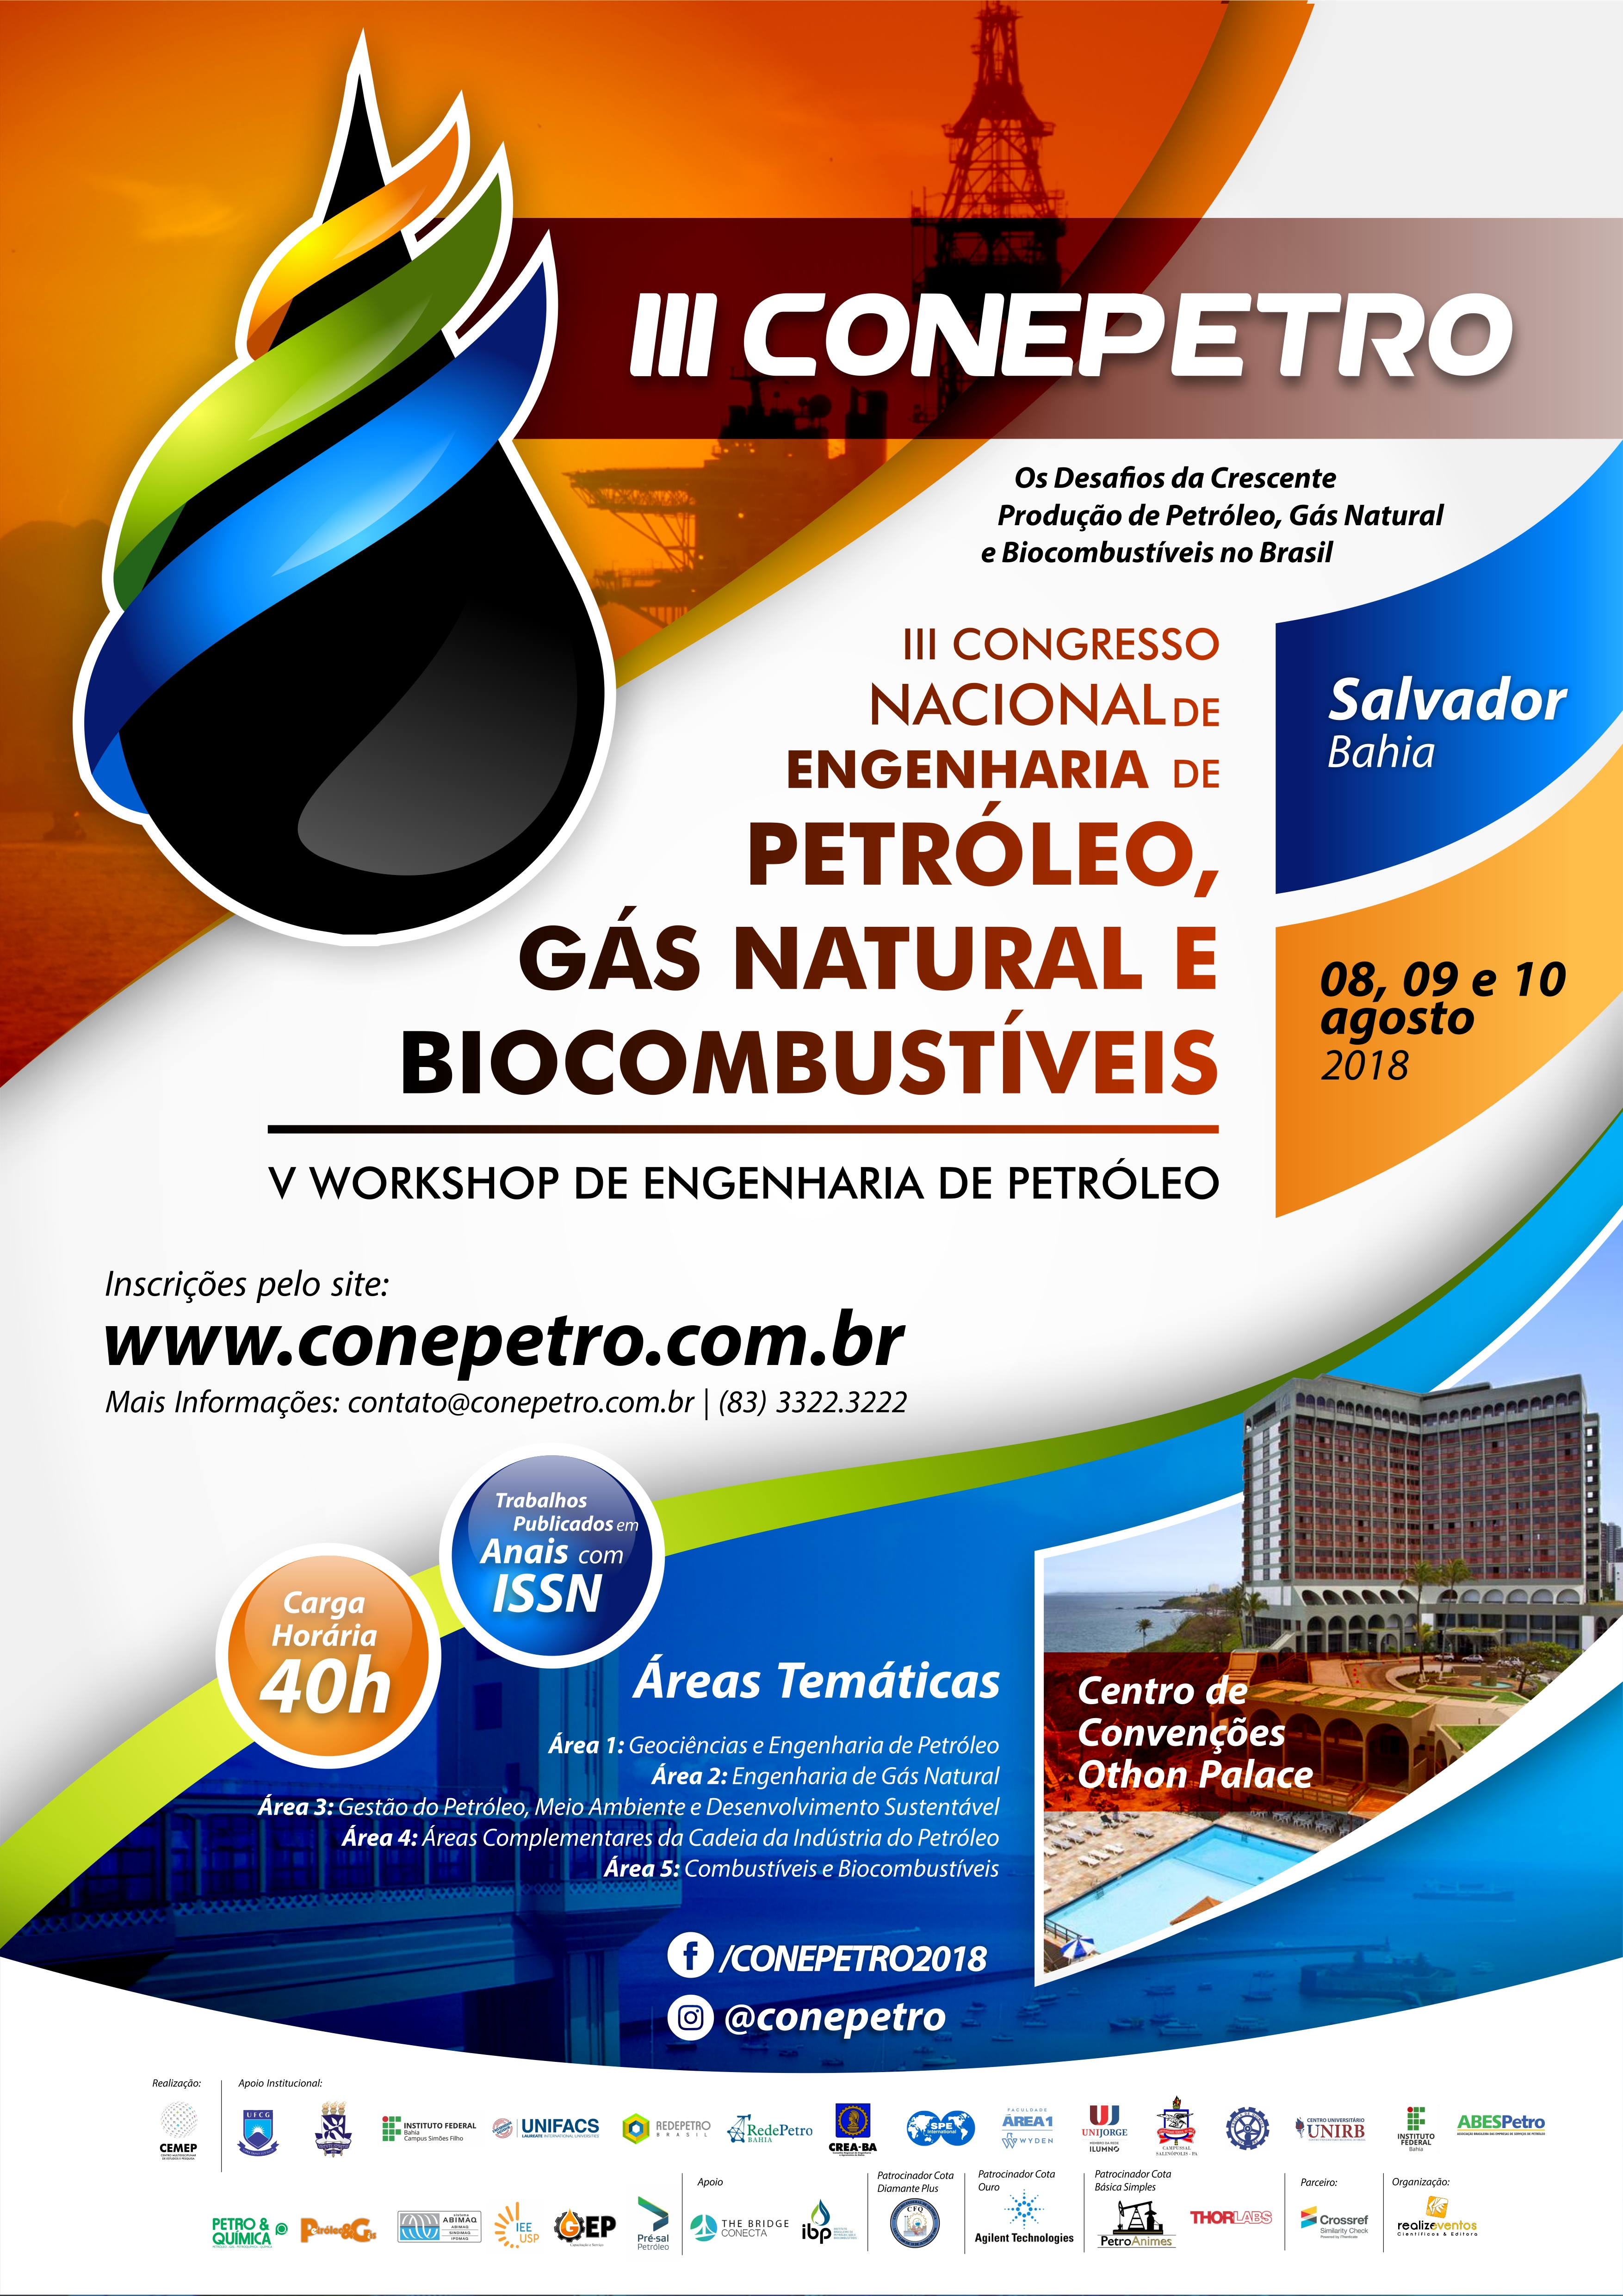 III Congresso Nacional de Engenharia de Petróleo, Gás Natural e Biocombustíveis (CONEPETRO) e V Workshop de Engenharia de Petróleo (WEPETRO)